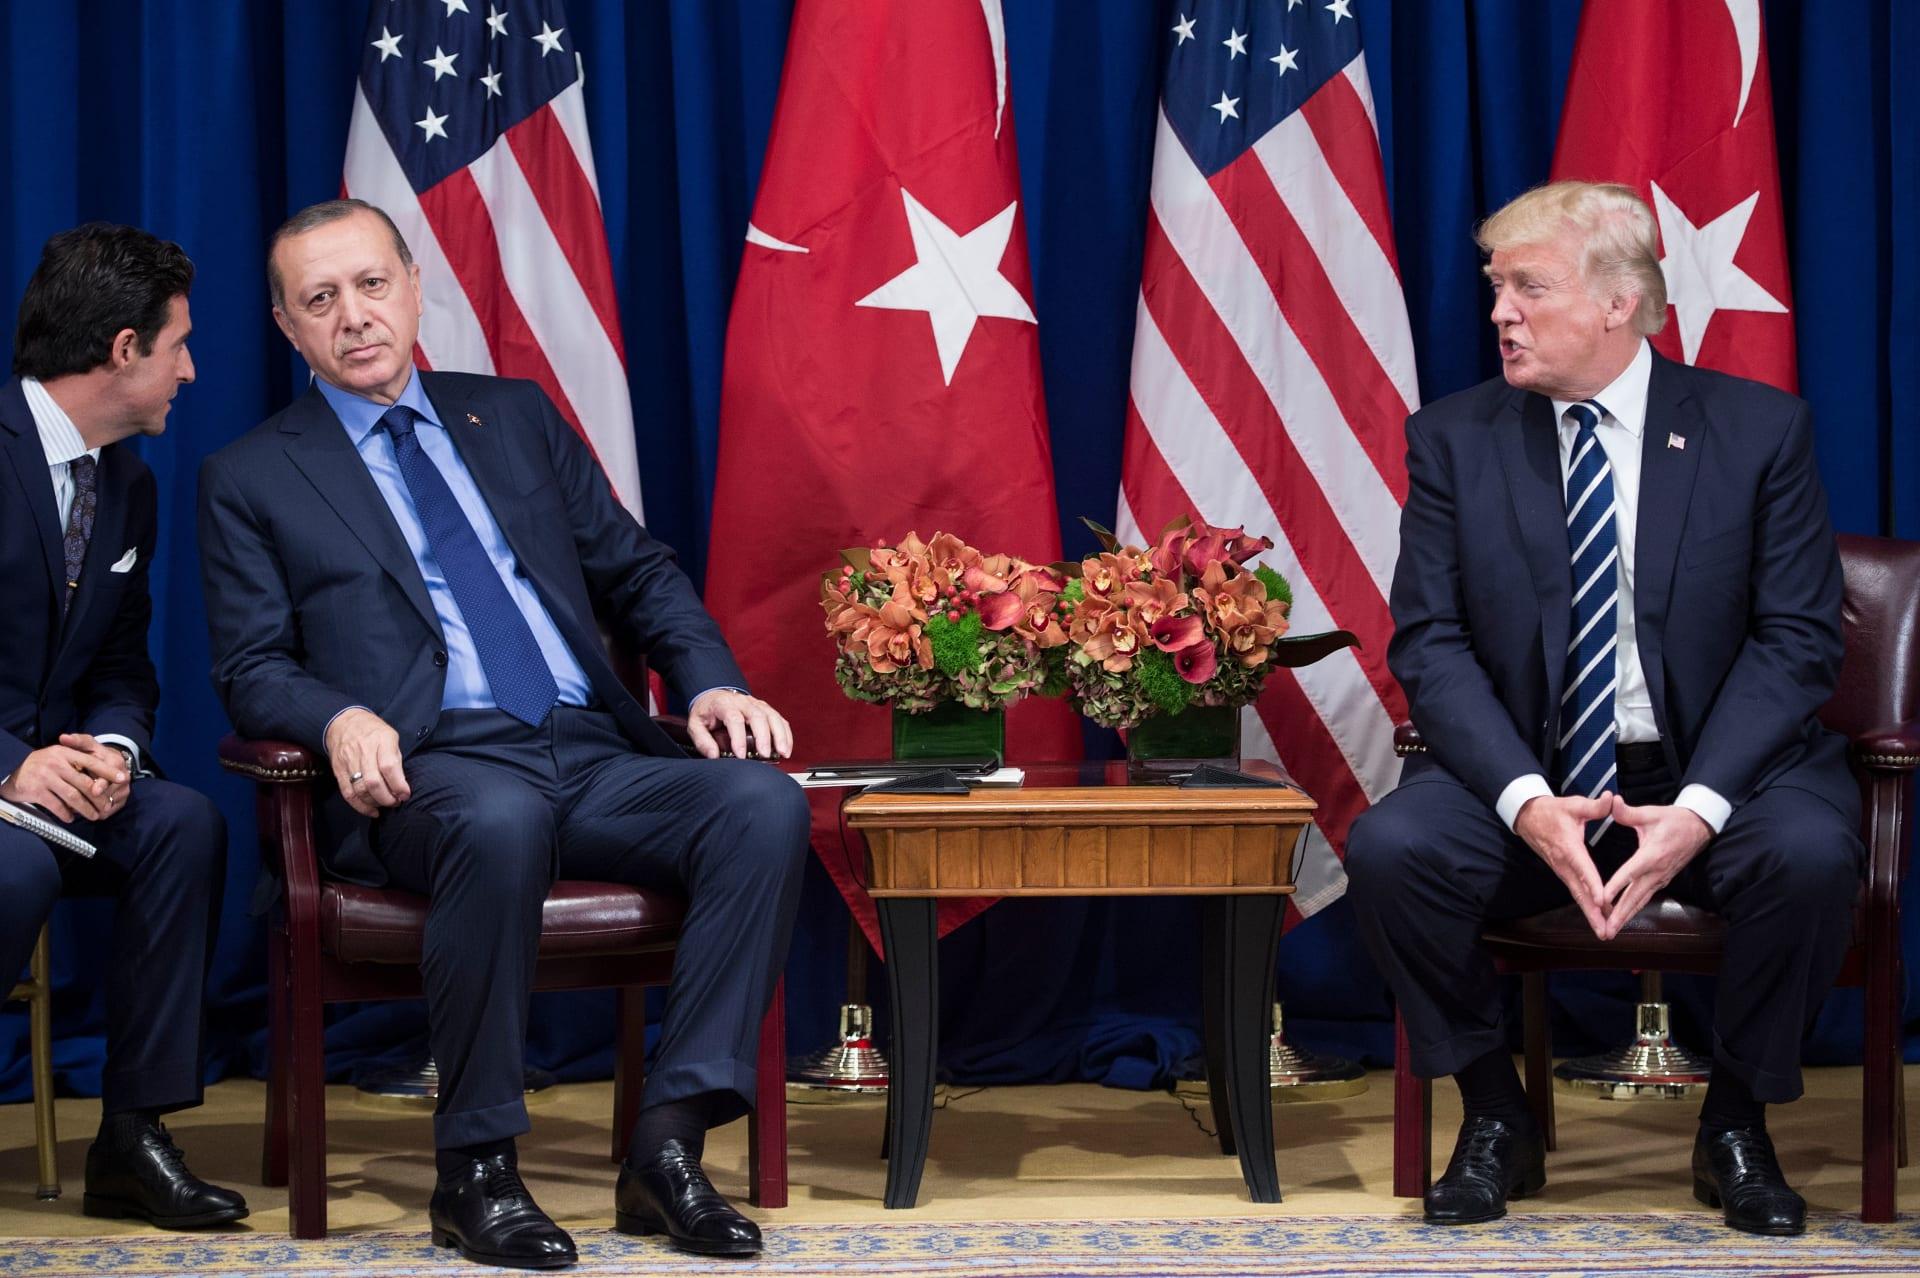 بعد اتصال بين ترامب وأردوغان.. تركيا تفرج عن فيزيائي أمريكي لدى ناسا